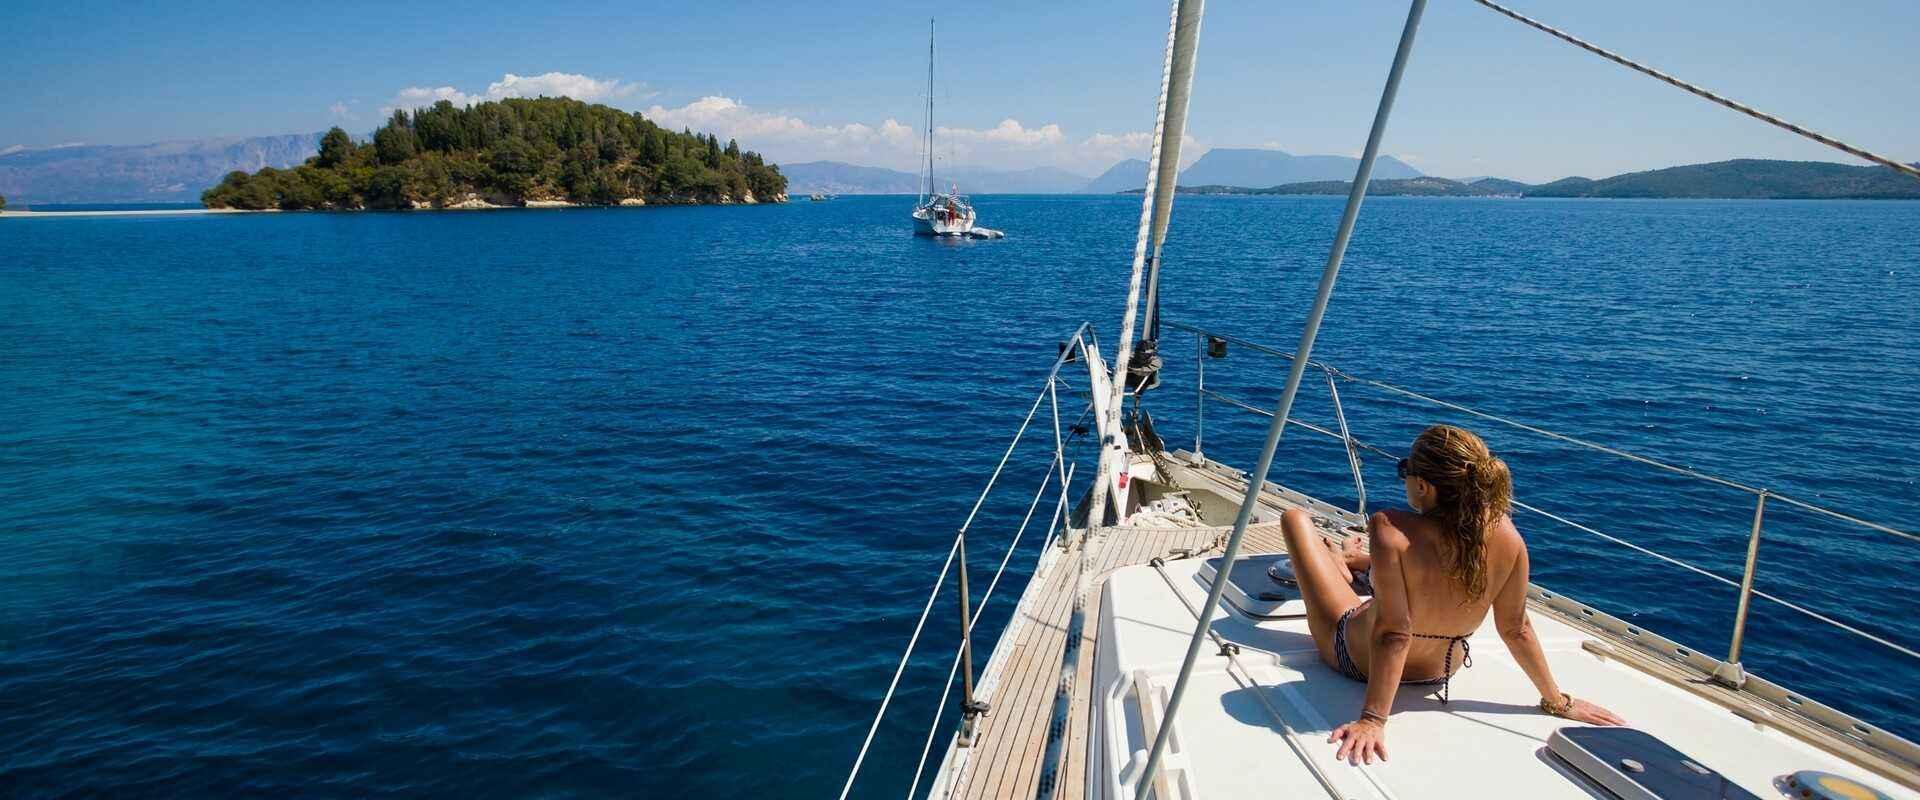 Организация морских прогулок, аренда катеров и яхт